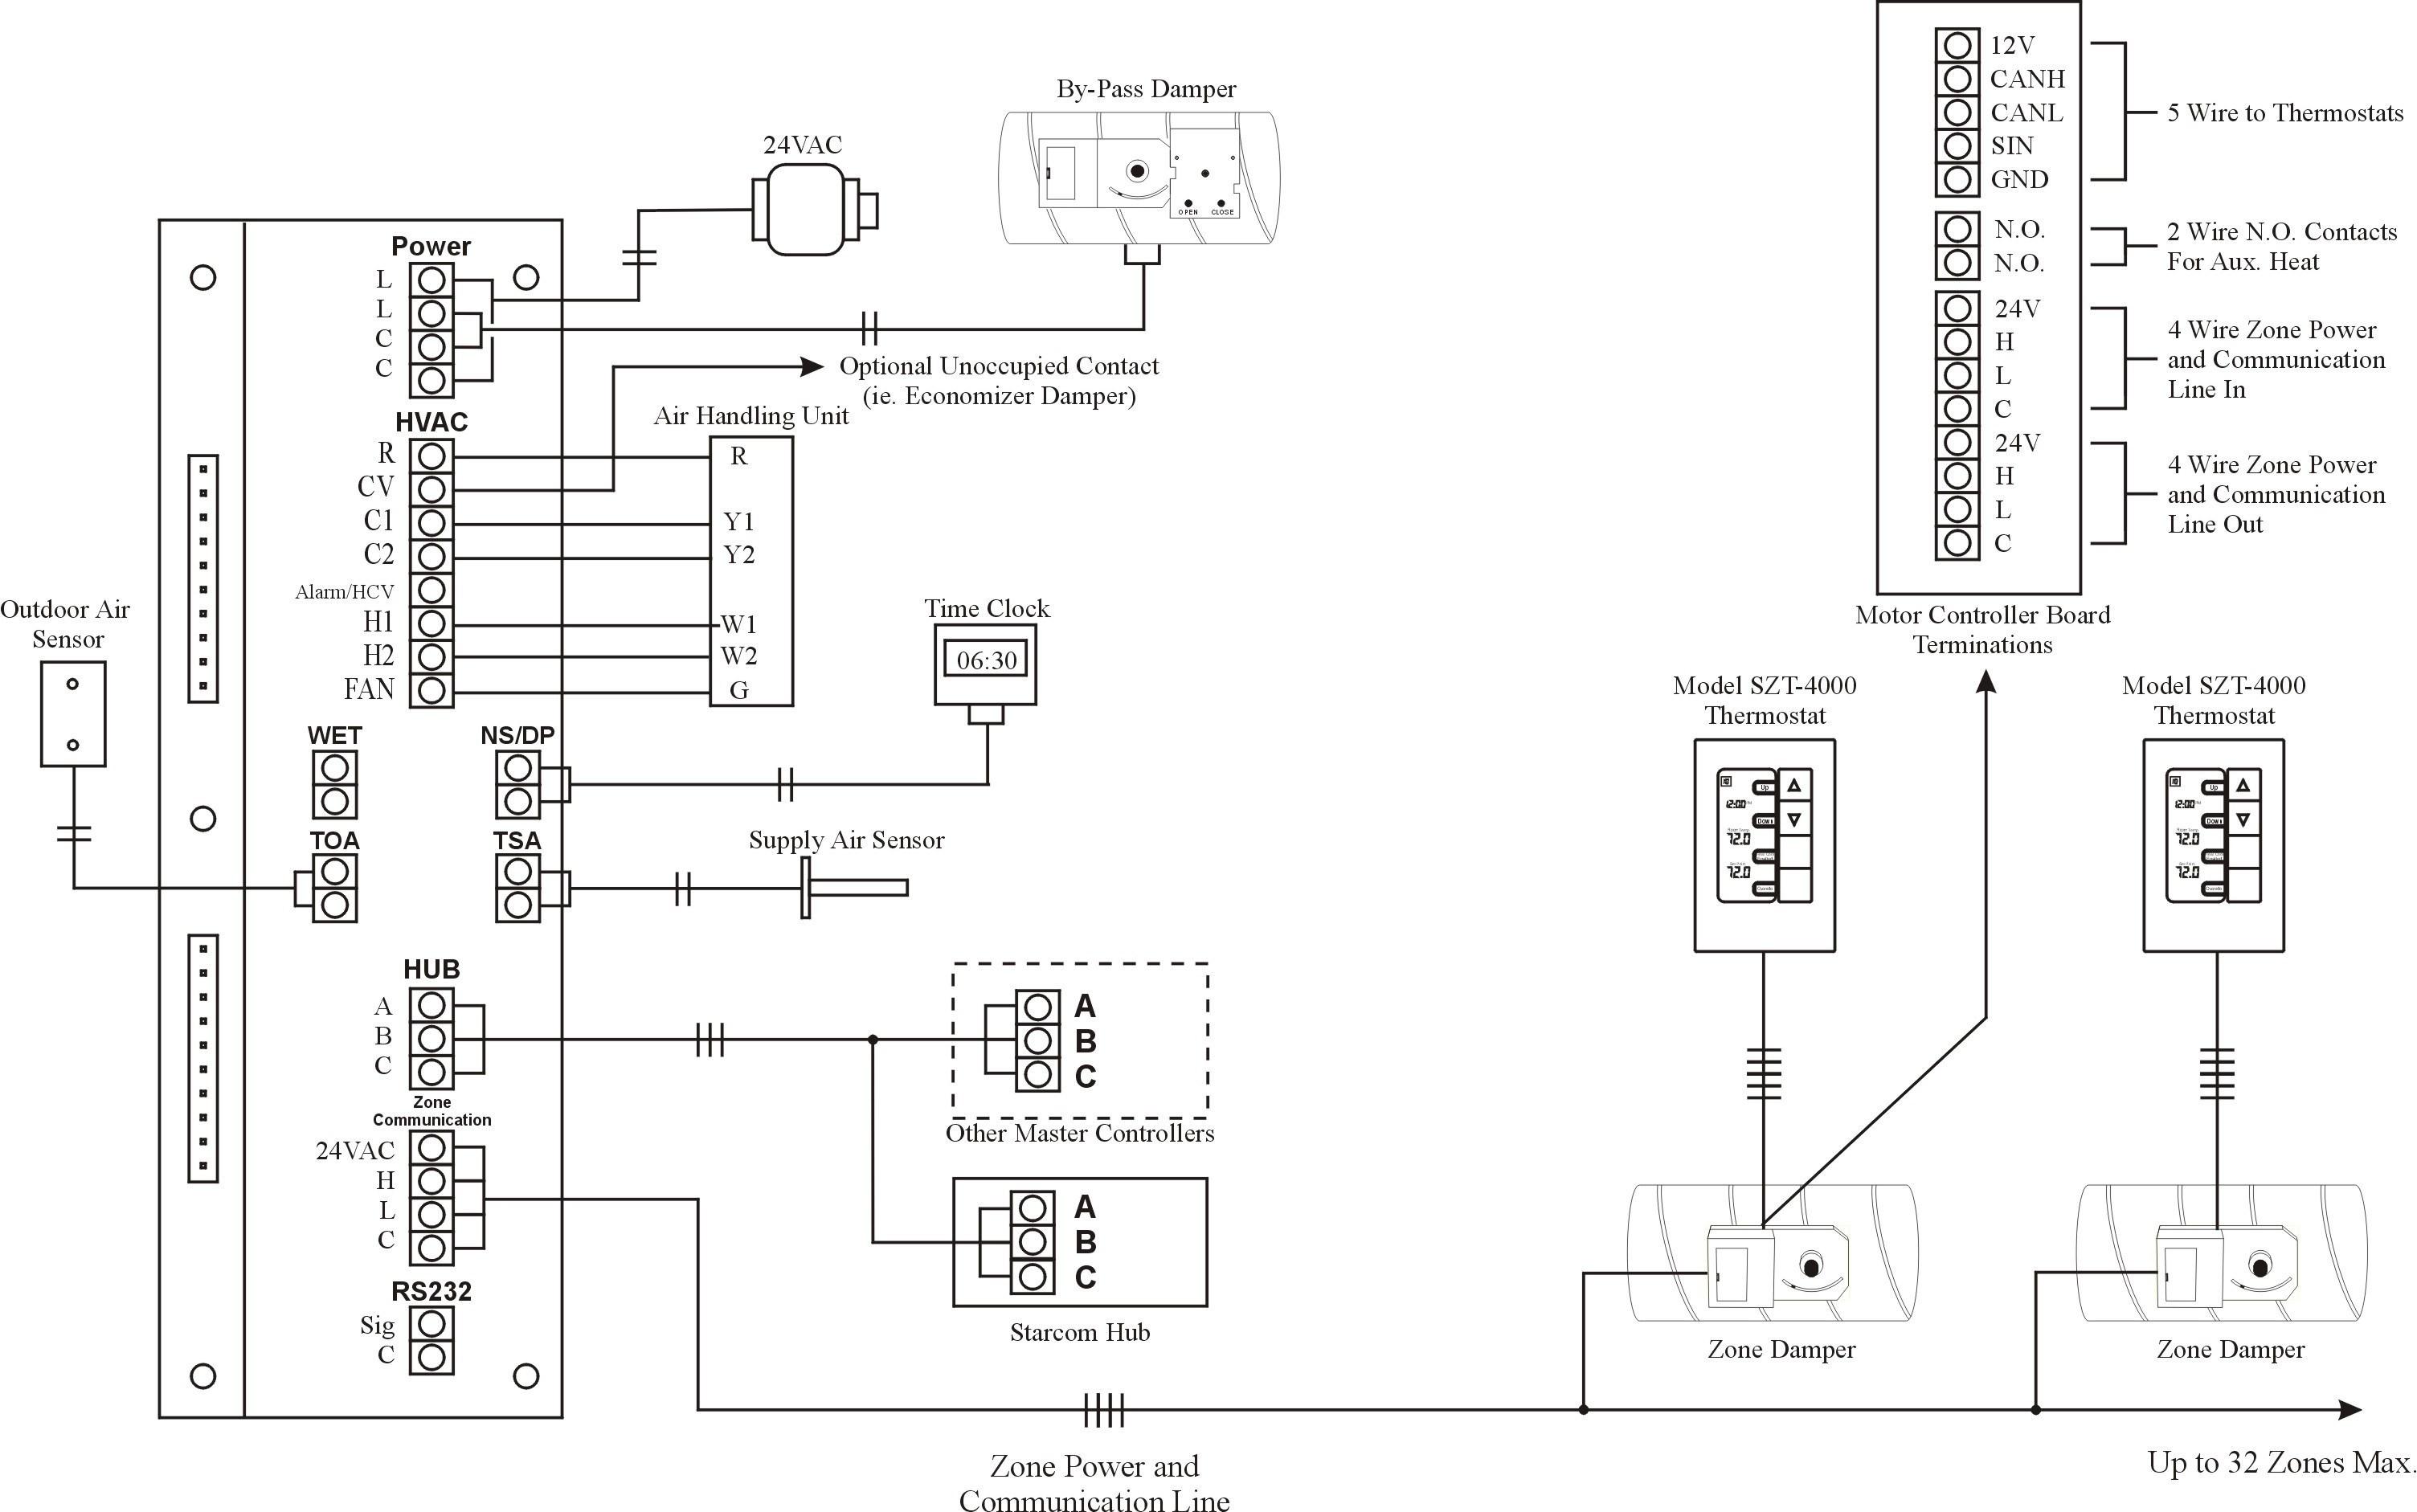 Fire Alarm Horn Strobe Wiring Diagram | Wiring Diagram - Fire Alarm Horn Strobe Wiring Diagram